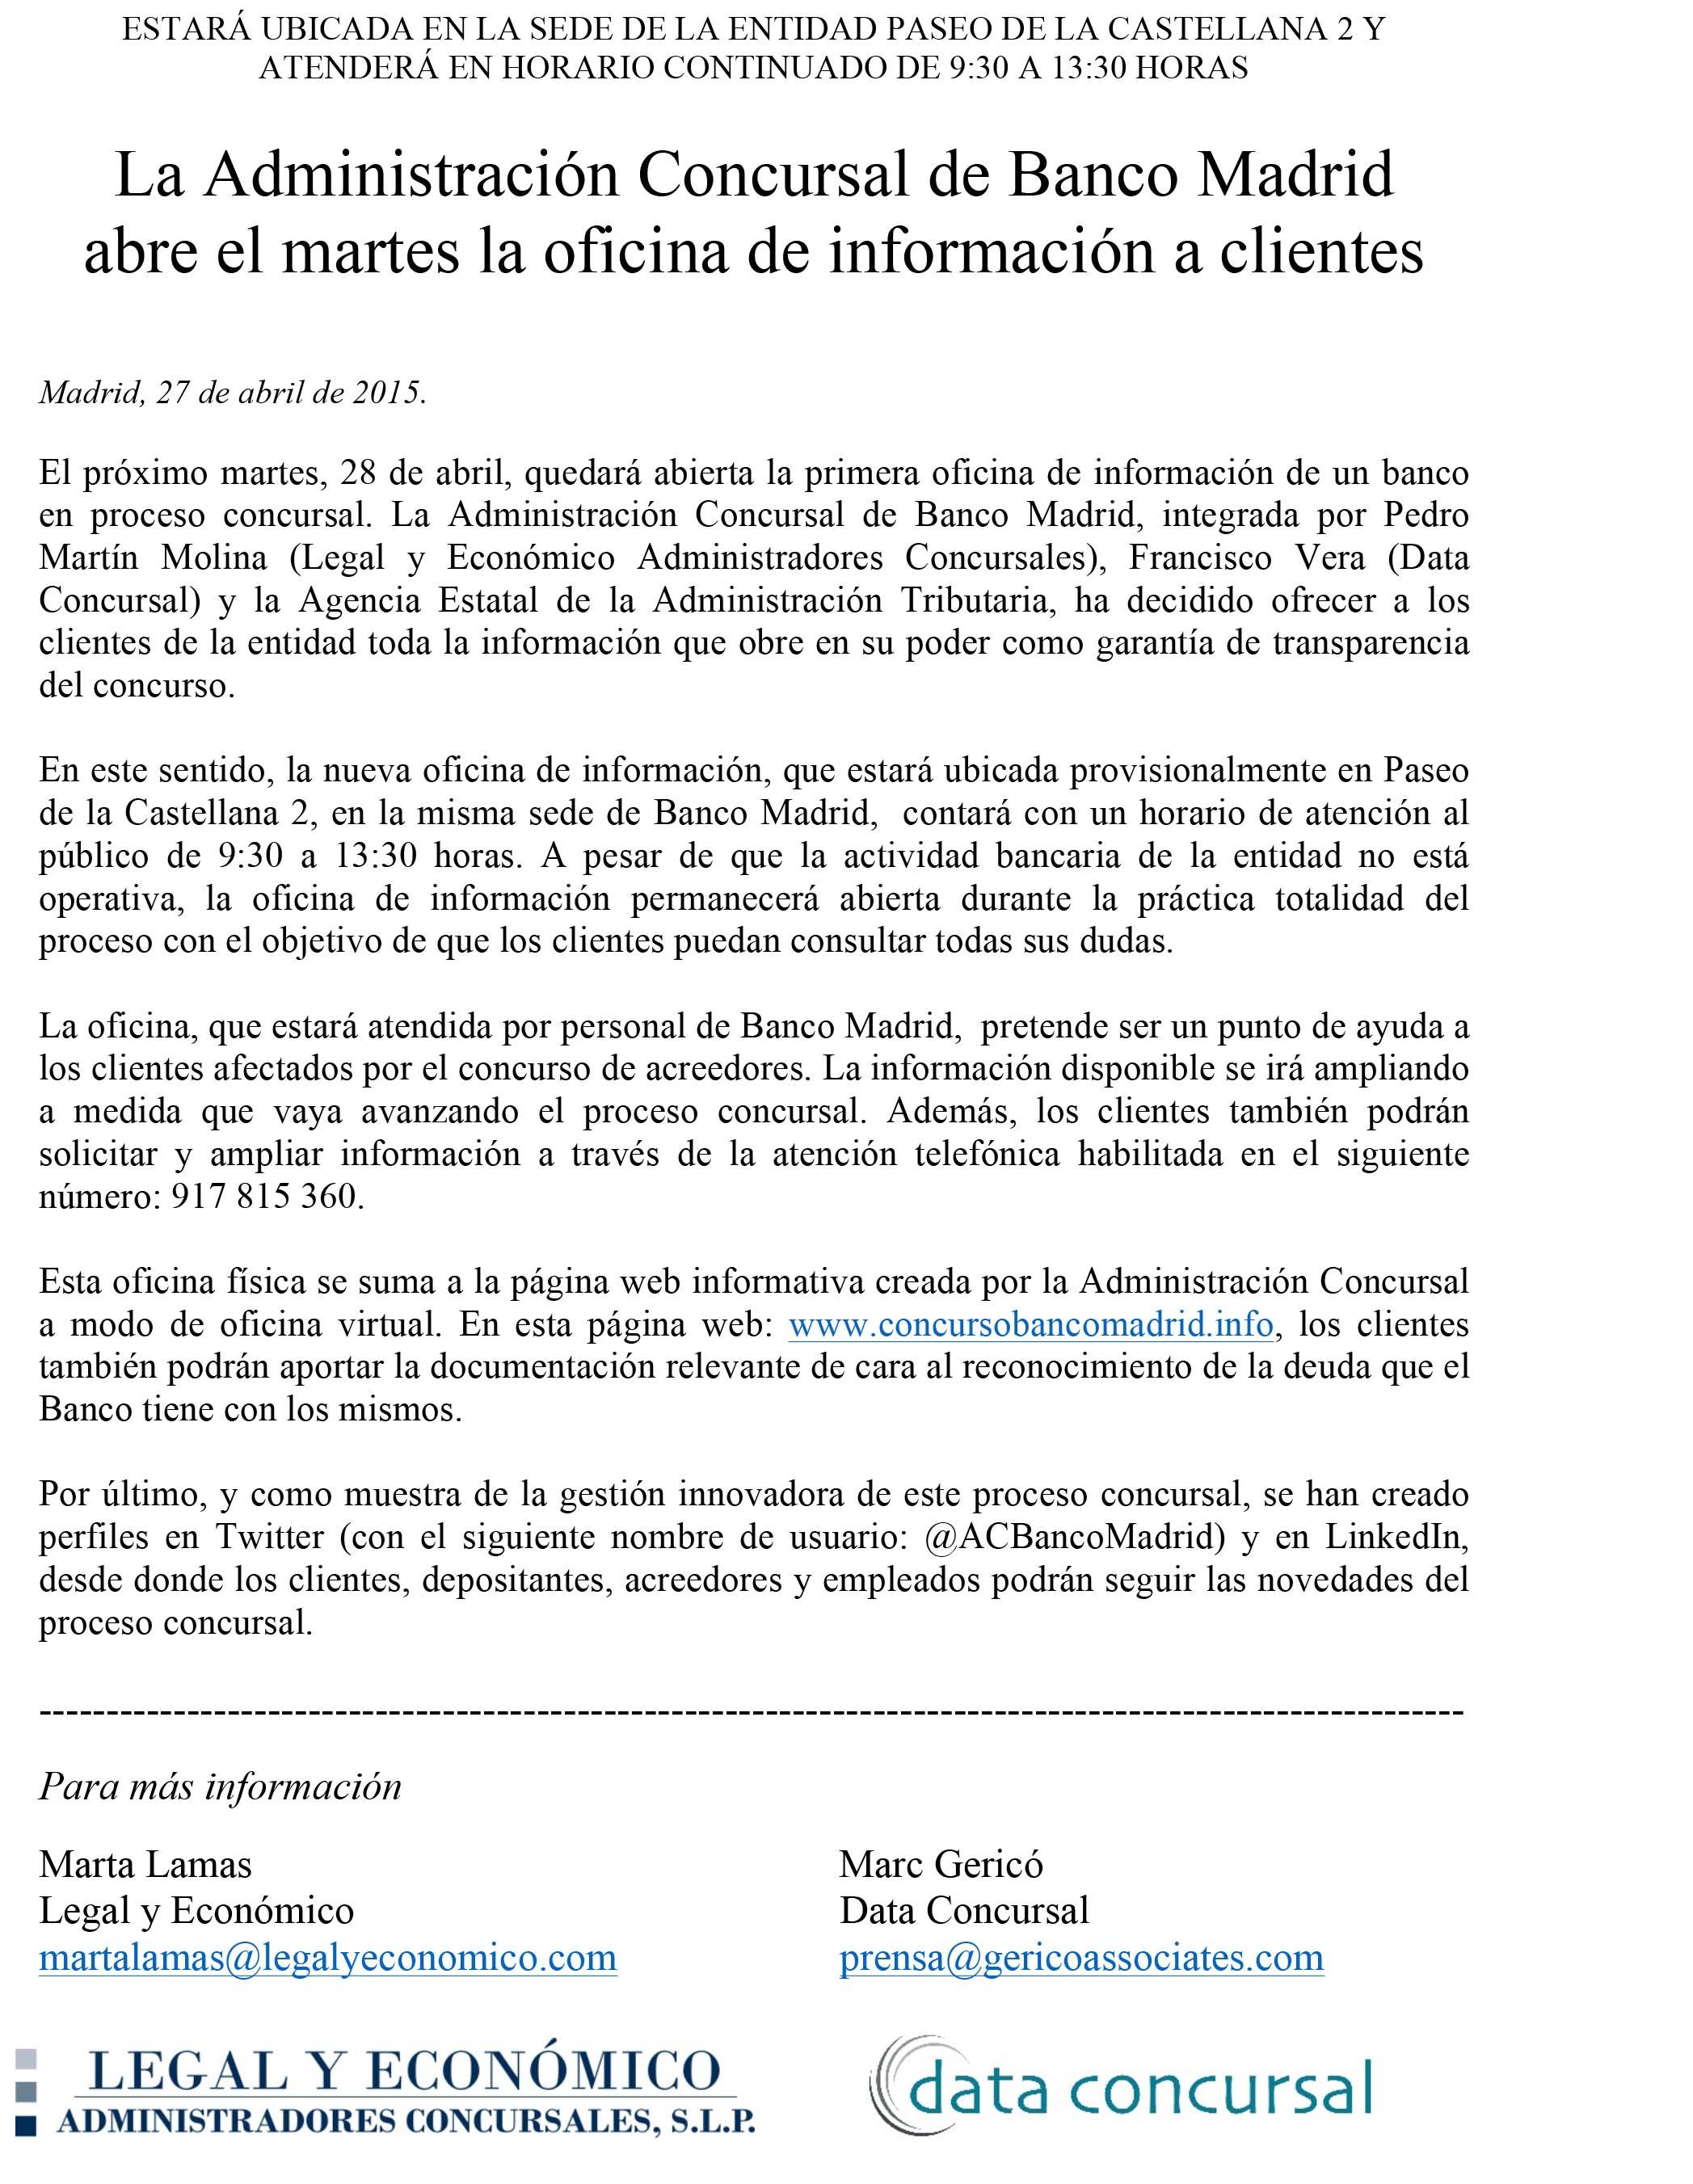 Microsoft Word - La Administración Concursal de Banco Madrid -1